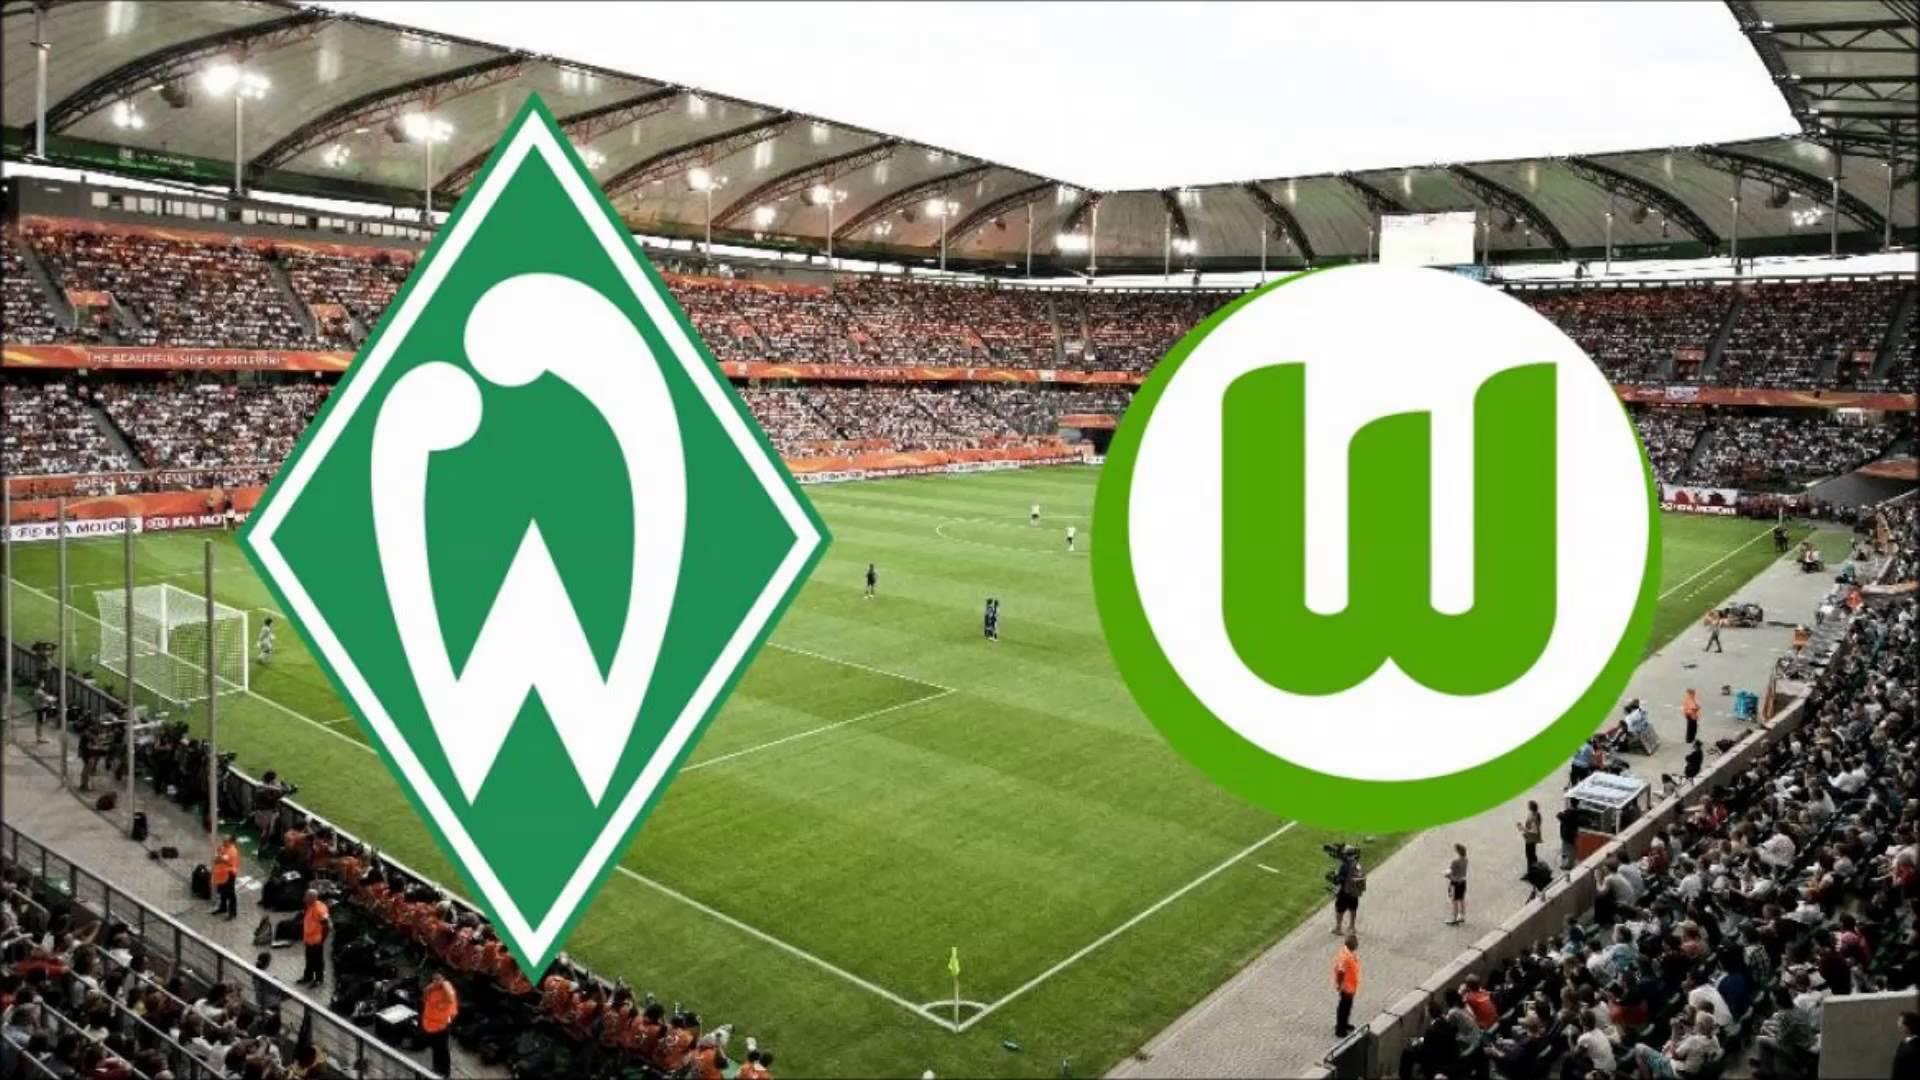 Vfl Wolfsburg Vs Werder Bremen